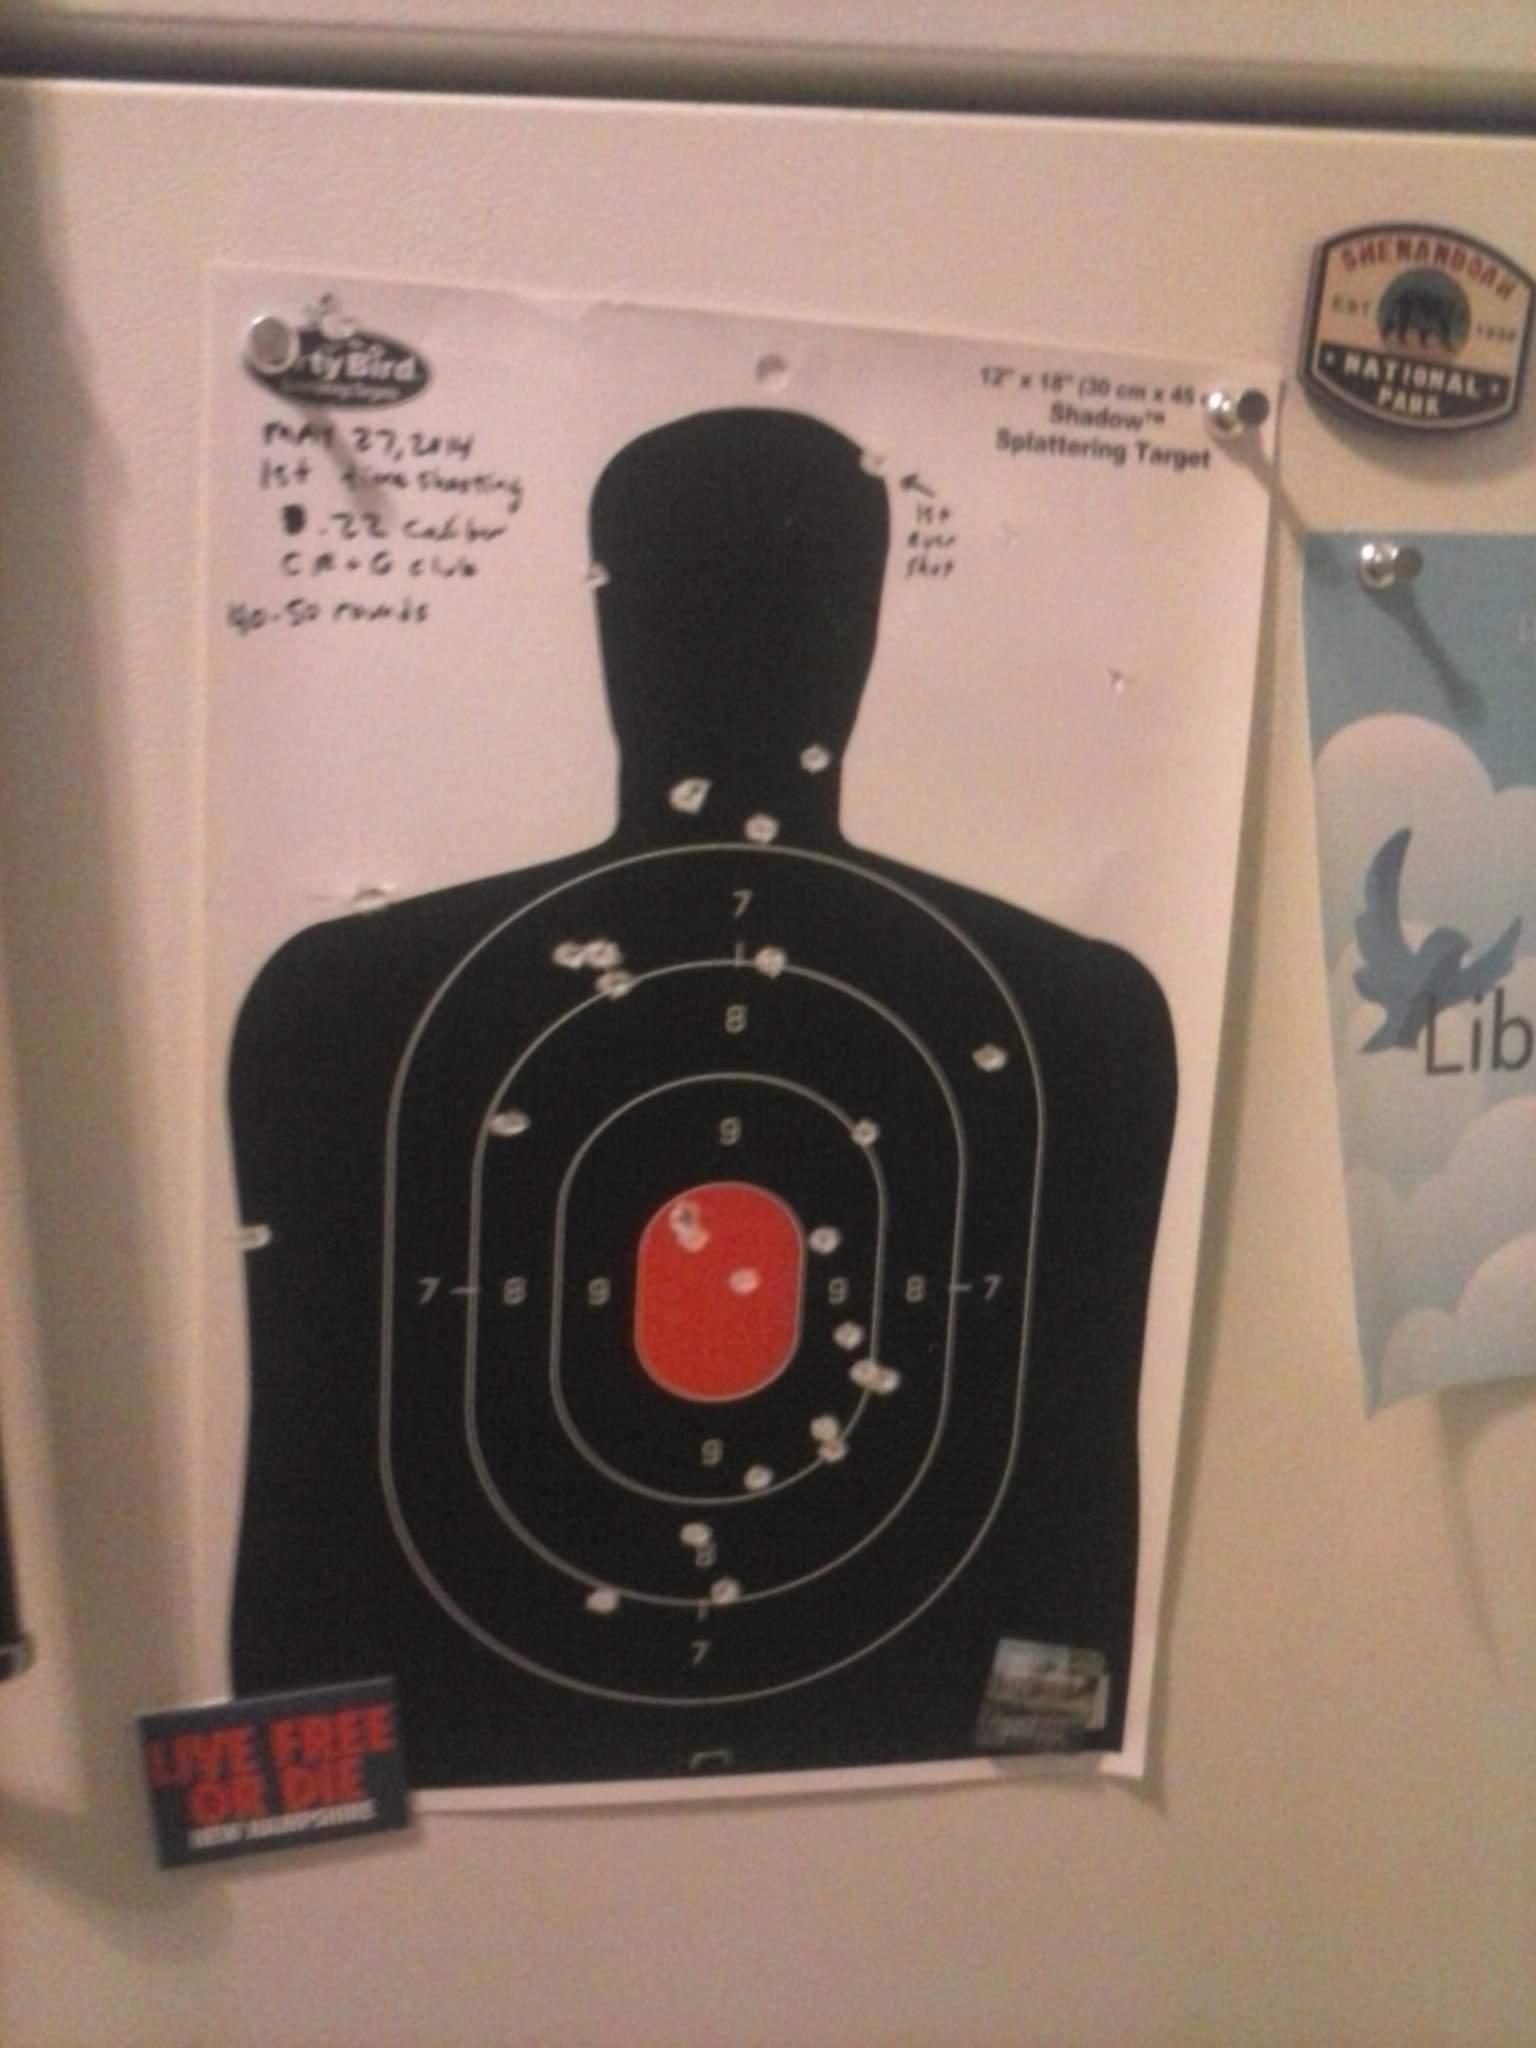 RICH SHOOTS GUN FOR FIRST TIME